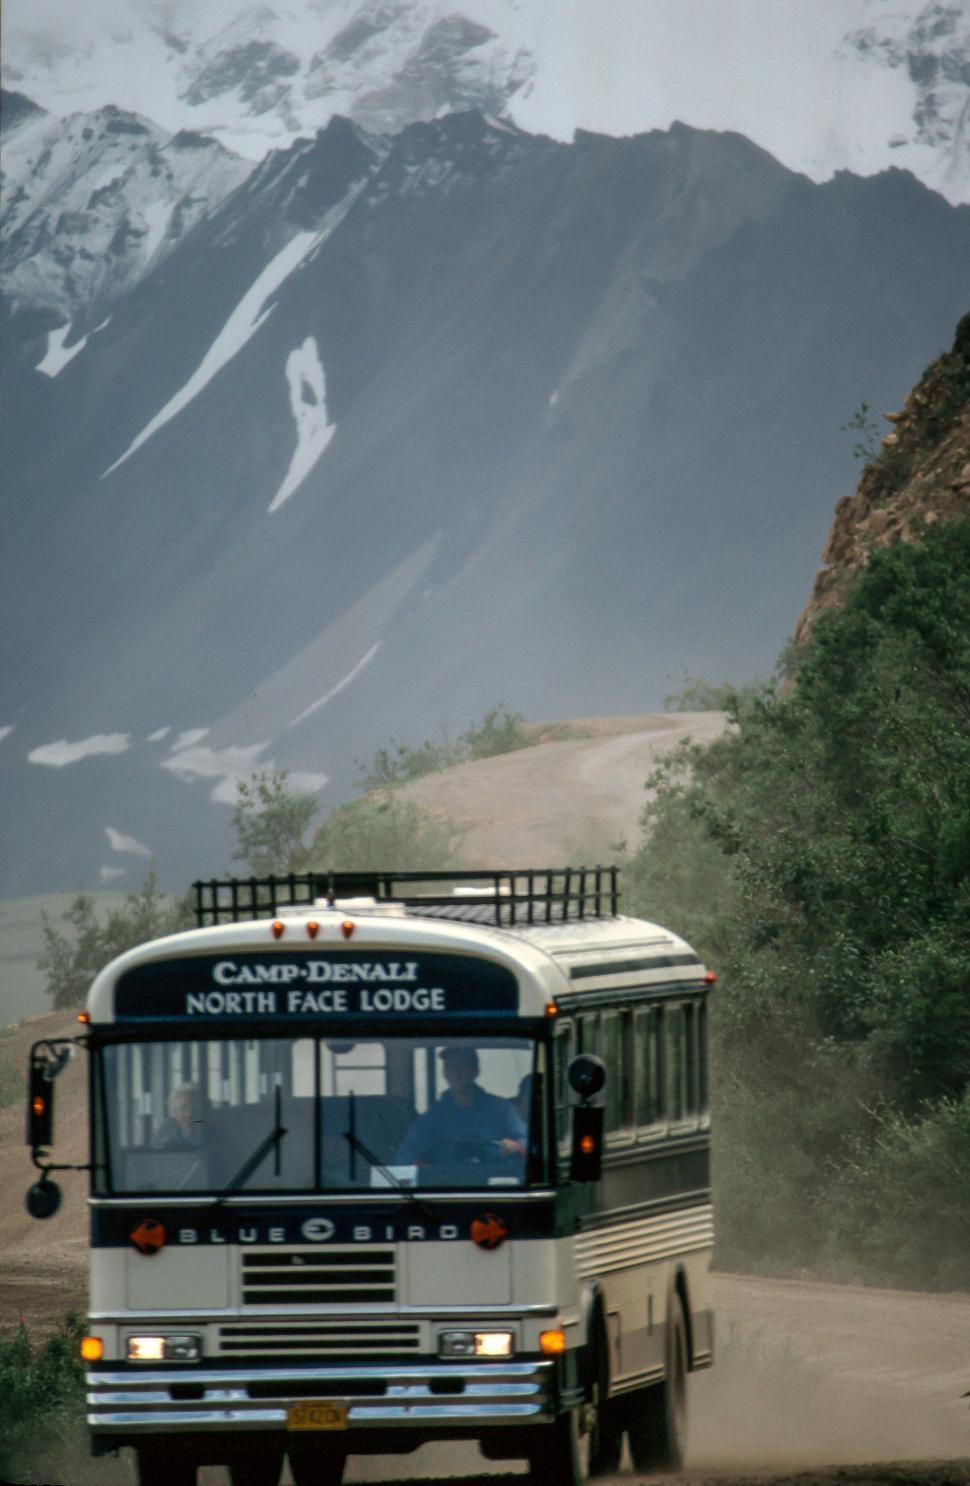 Download Free Stock Photo of Camp -Denali Bus at Denali National Park